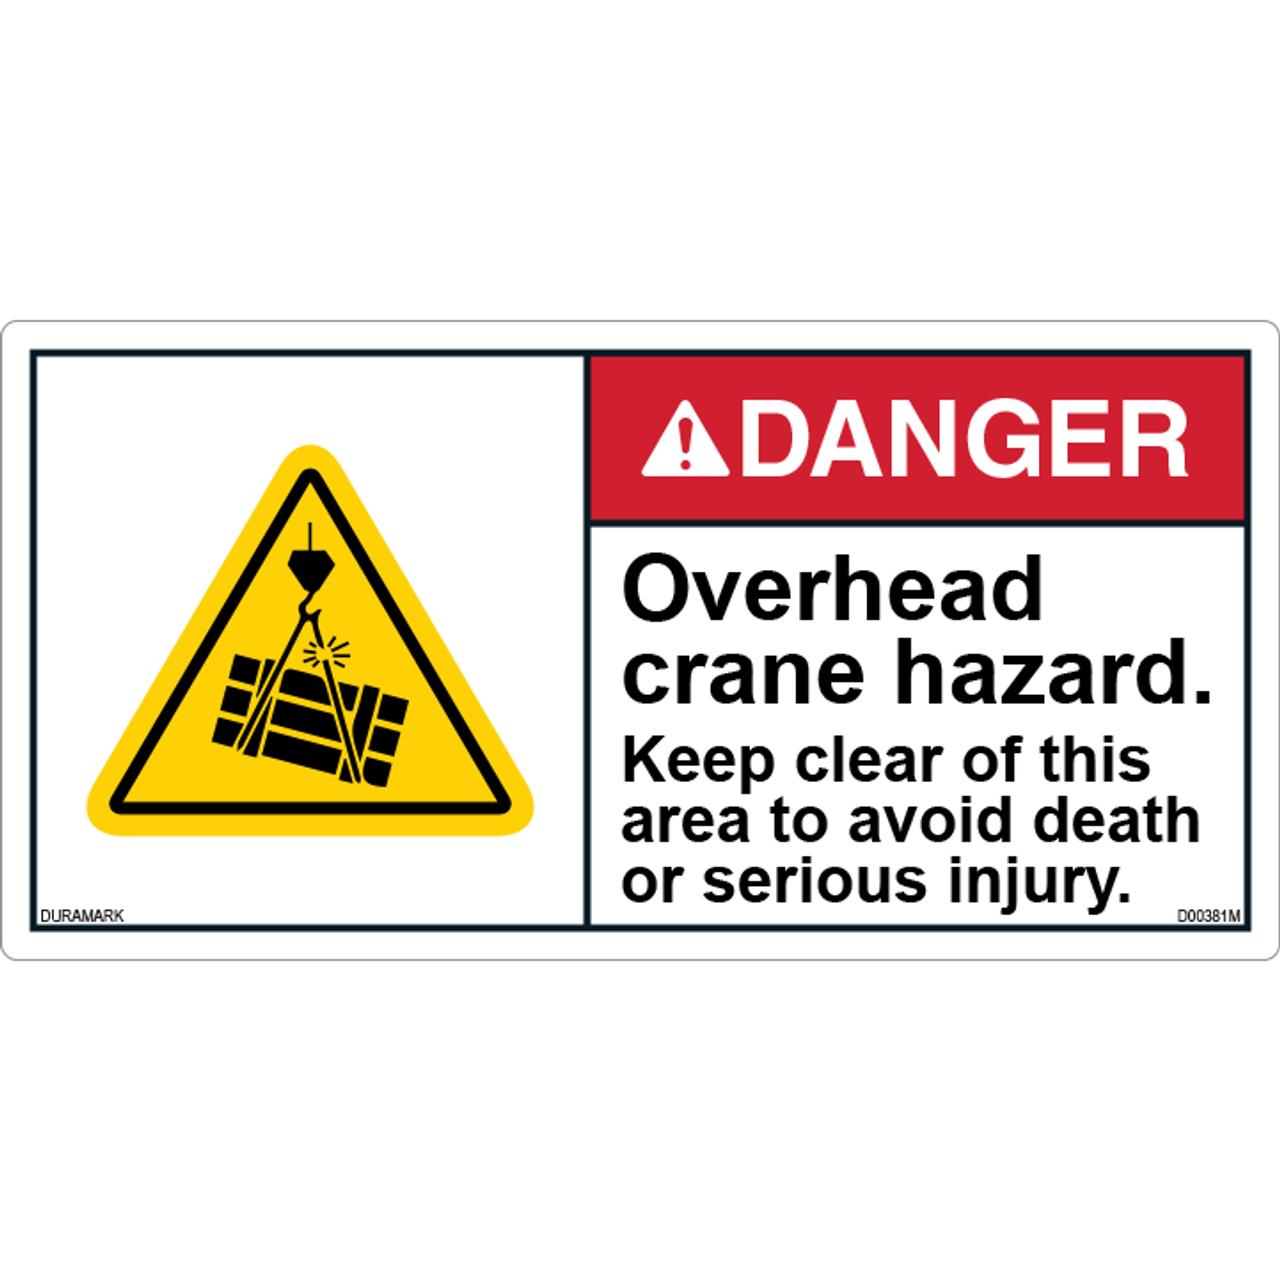 ANSI Safety Label - Danger - Overhead Crane hazard